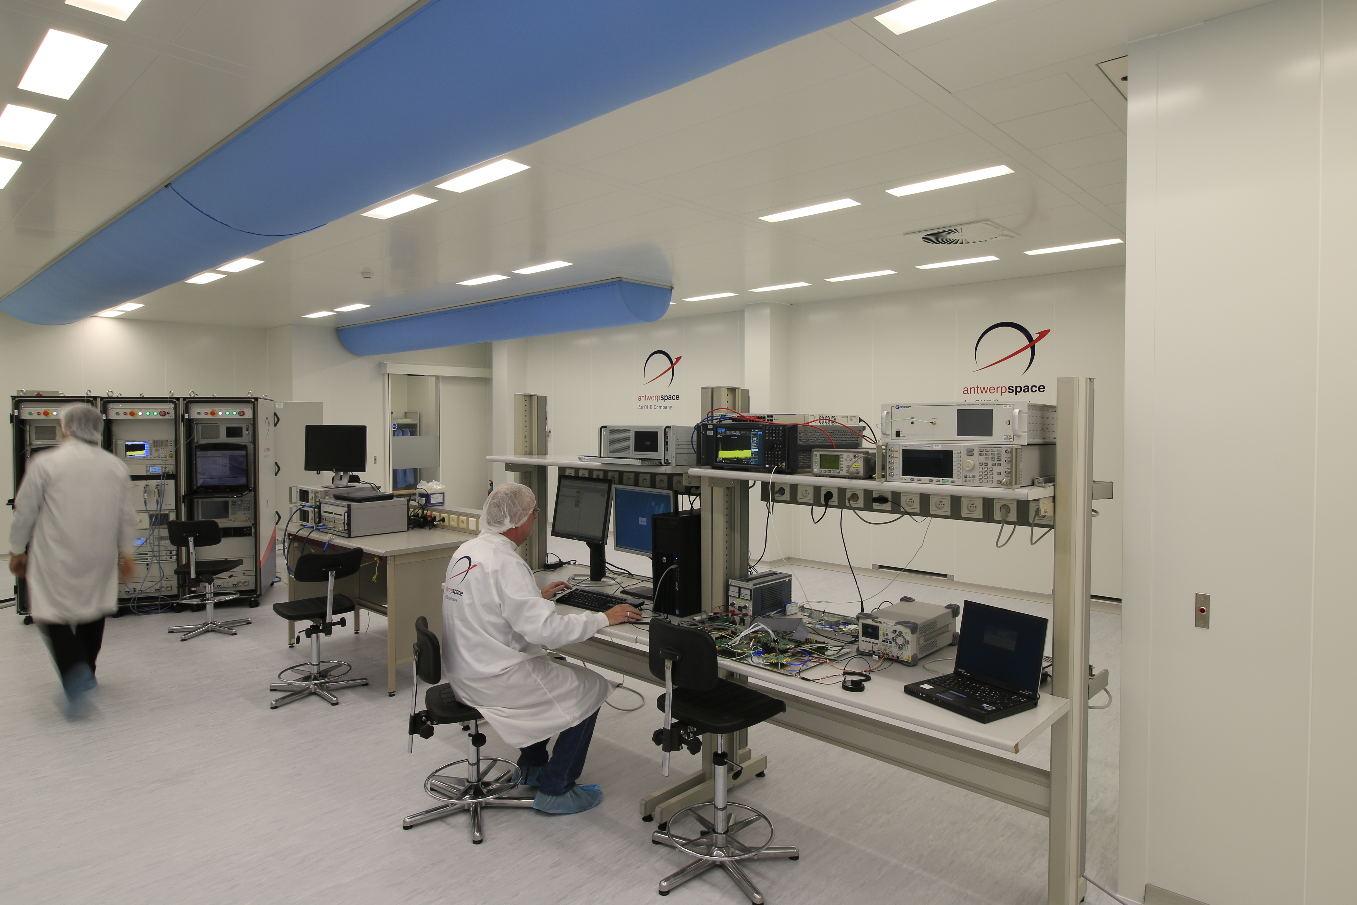 Une nouvelle salle blanche pour Antwerp Space